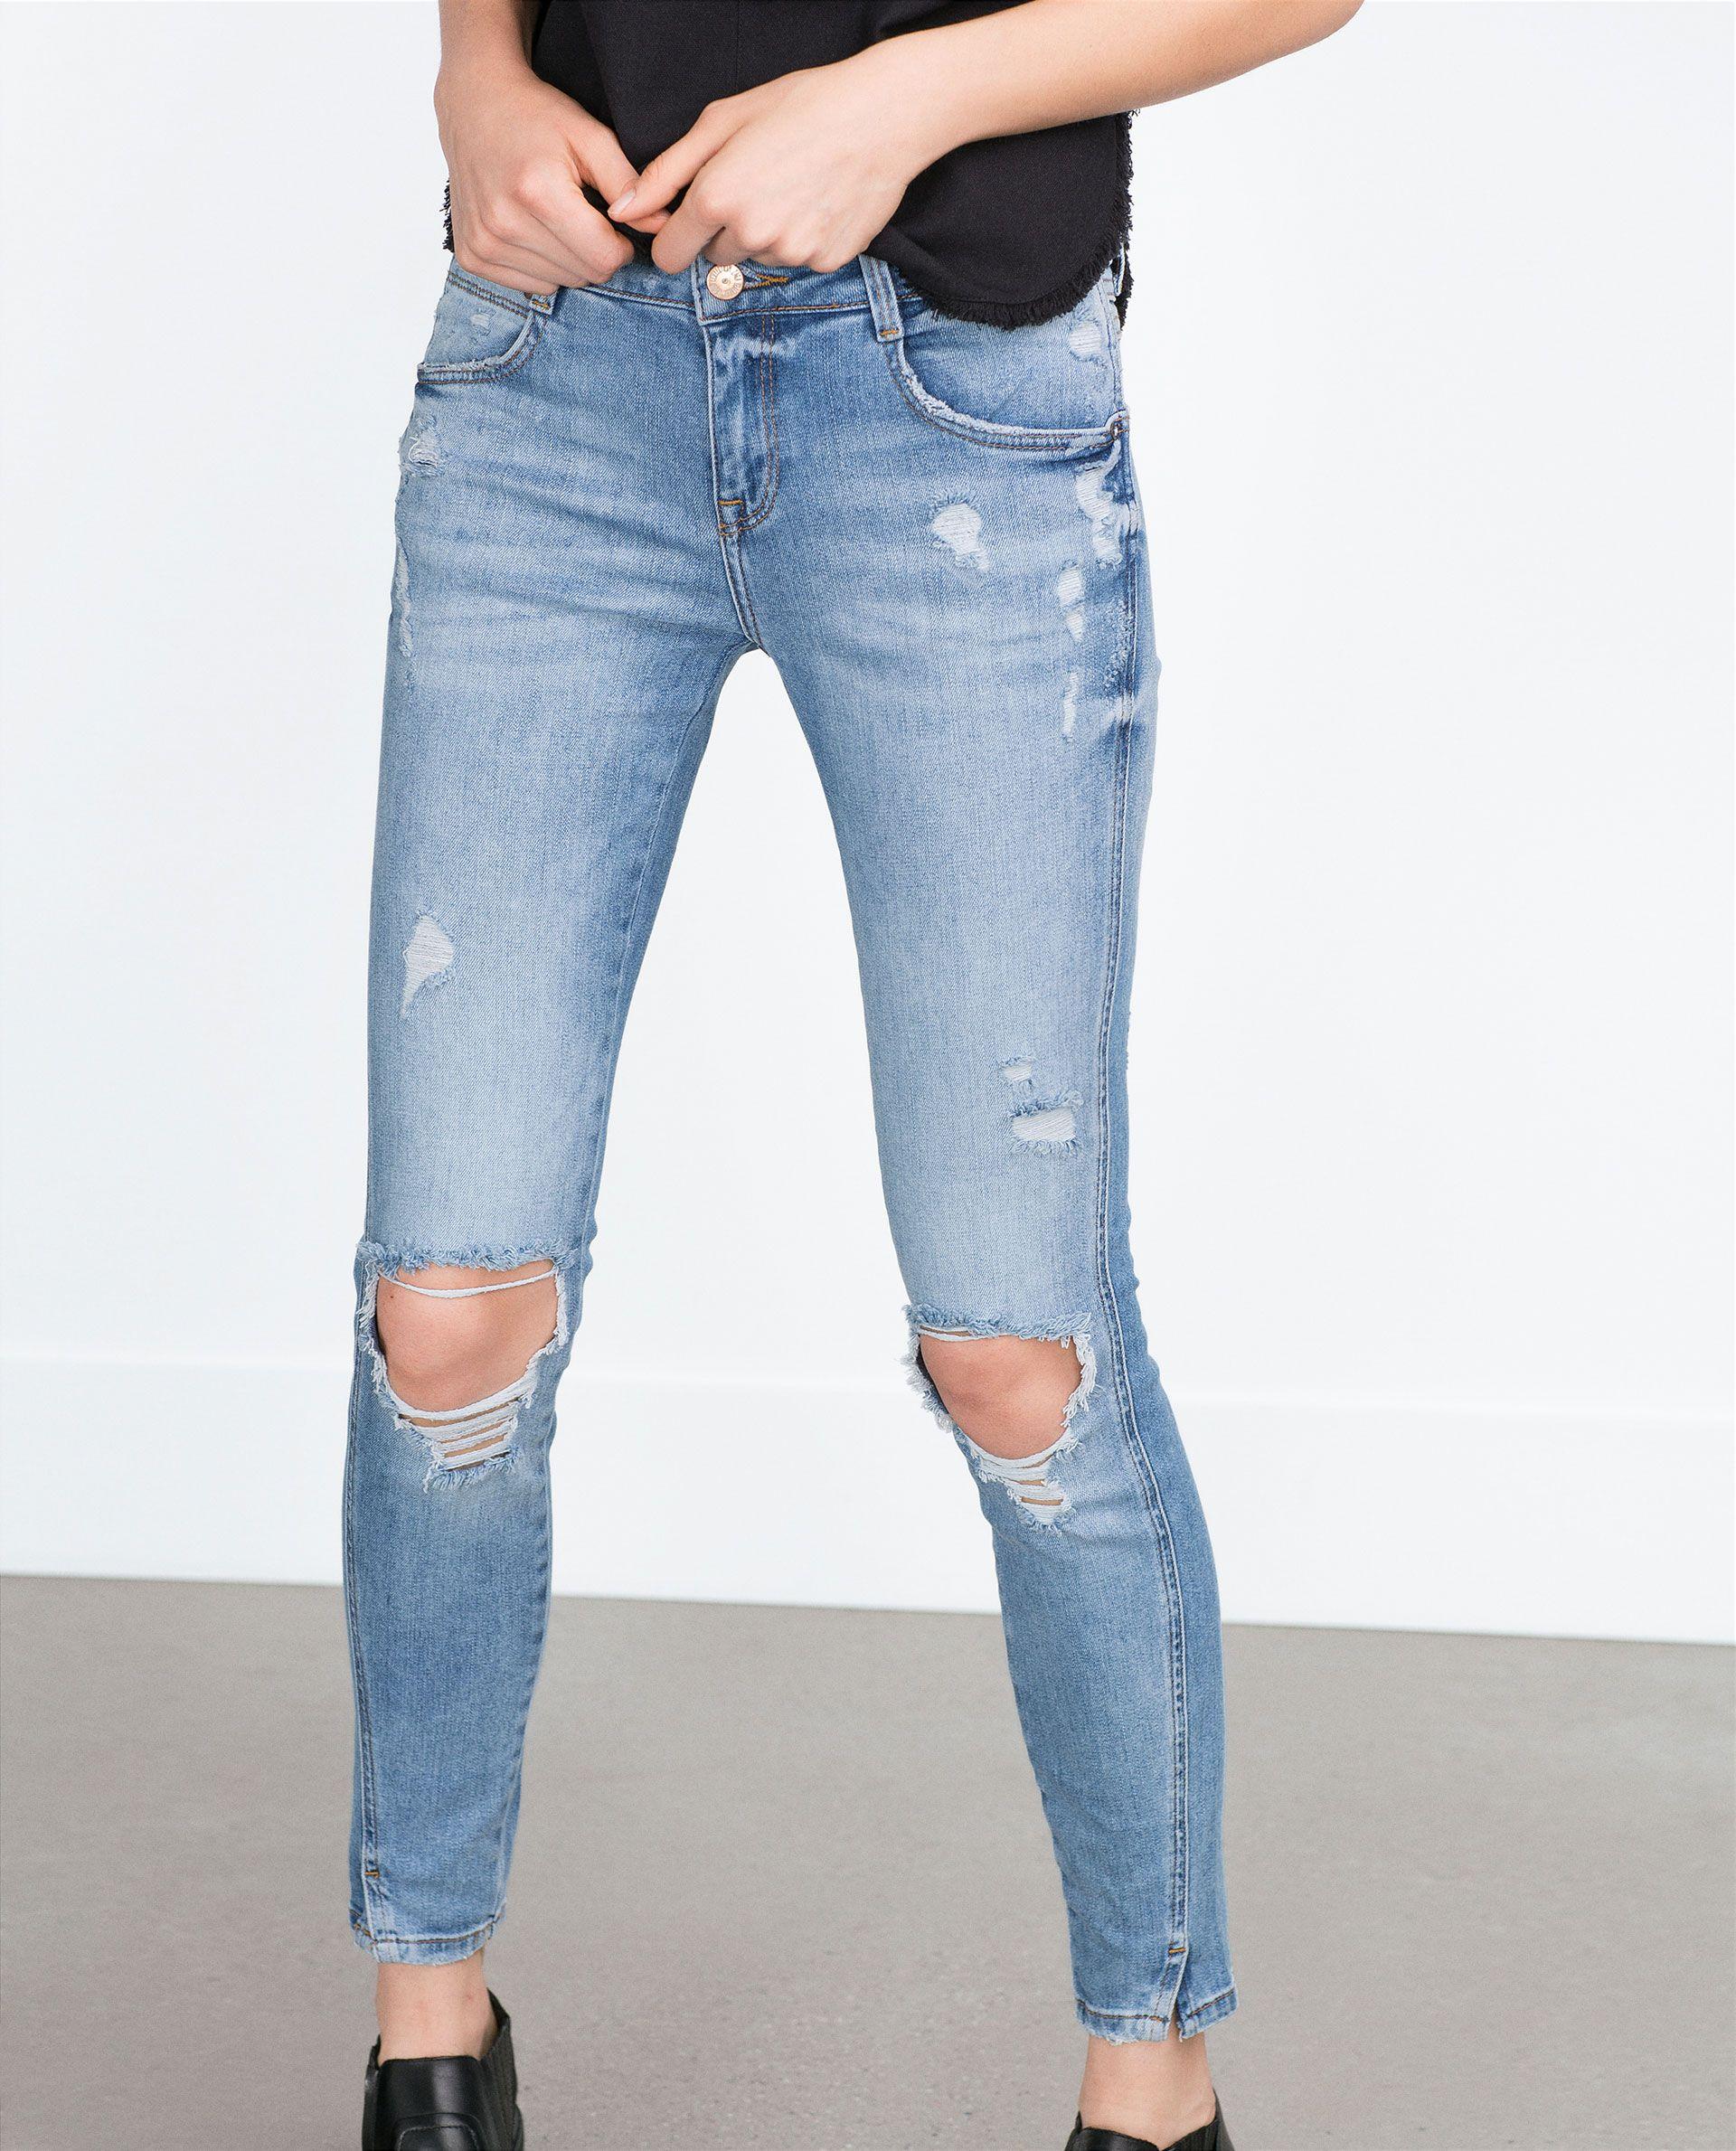 299d5f4b CALÇAS DE GANGA SKINNY COM RASGÕES - Jeans - TRF | ZARA Portugal ...